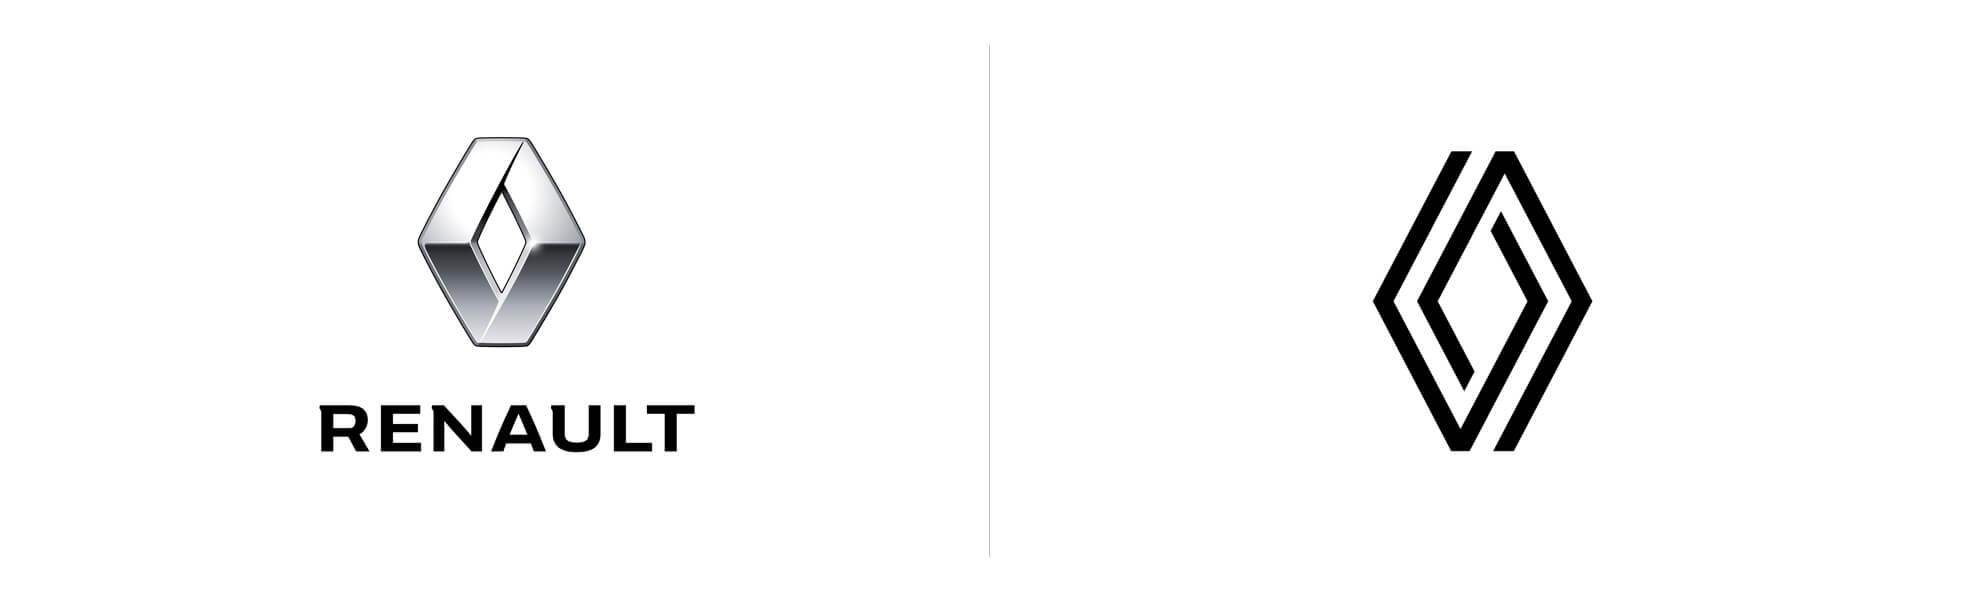 stare inowe logo renault